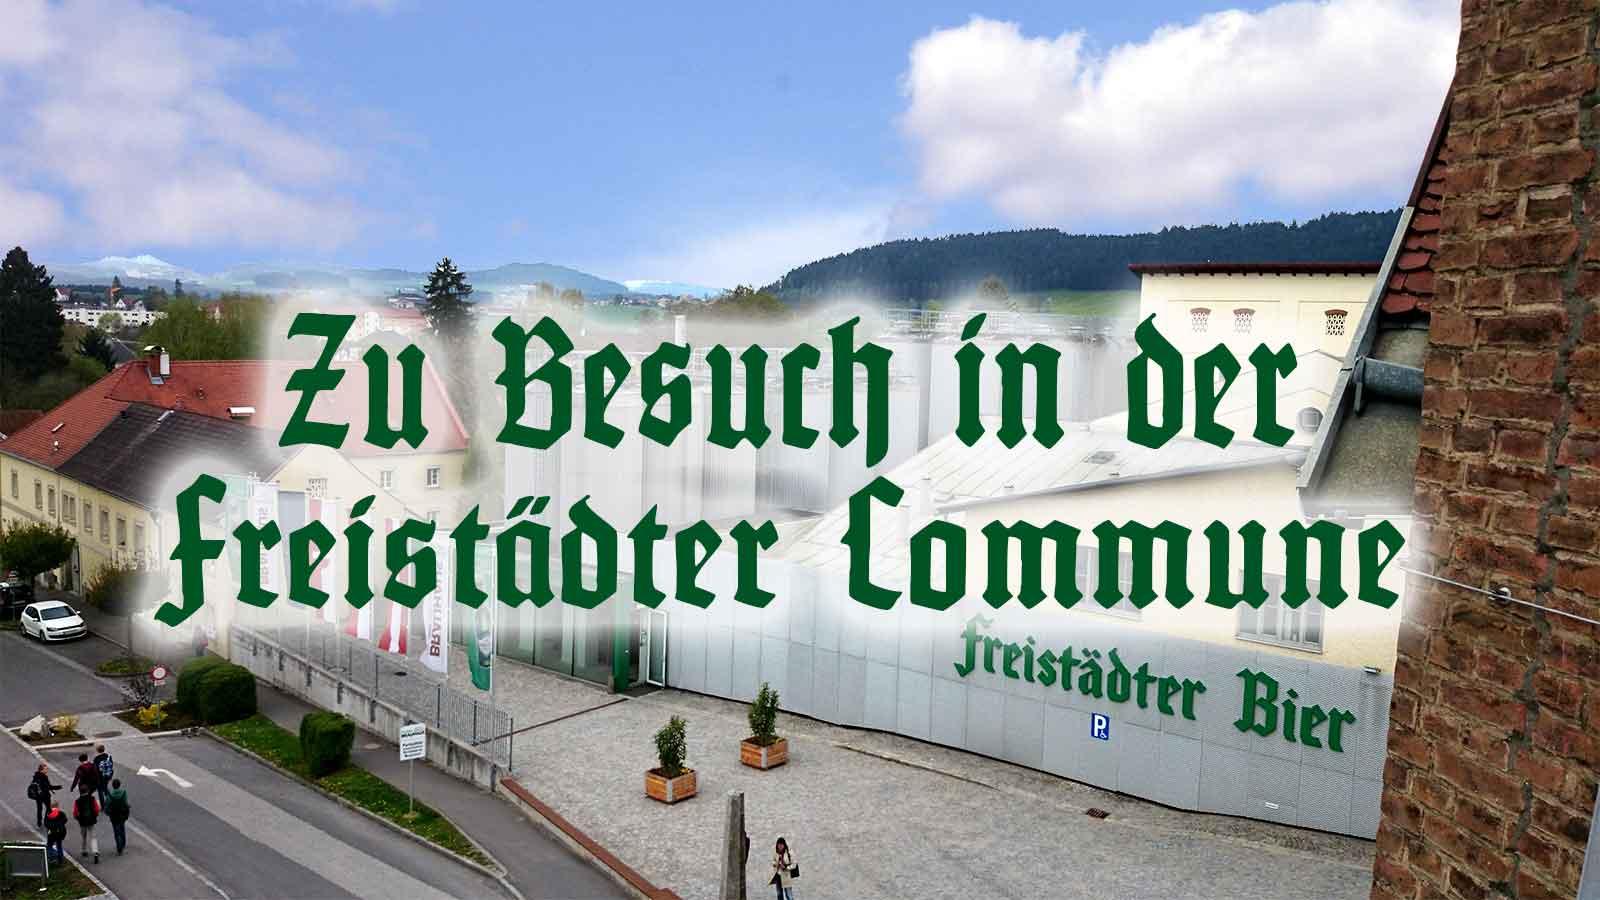 Der BierSIEDER zu Besuch in der Braucommune zu Freistadt